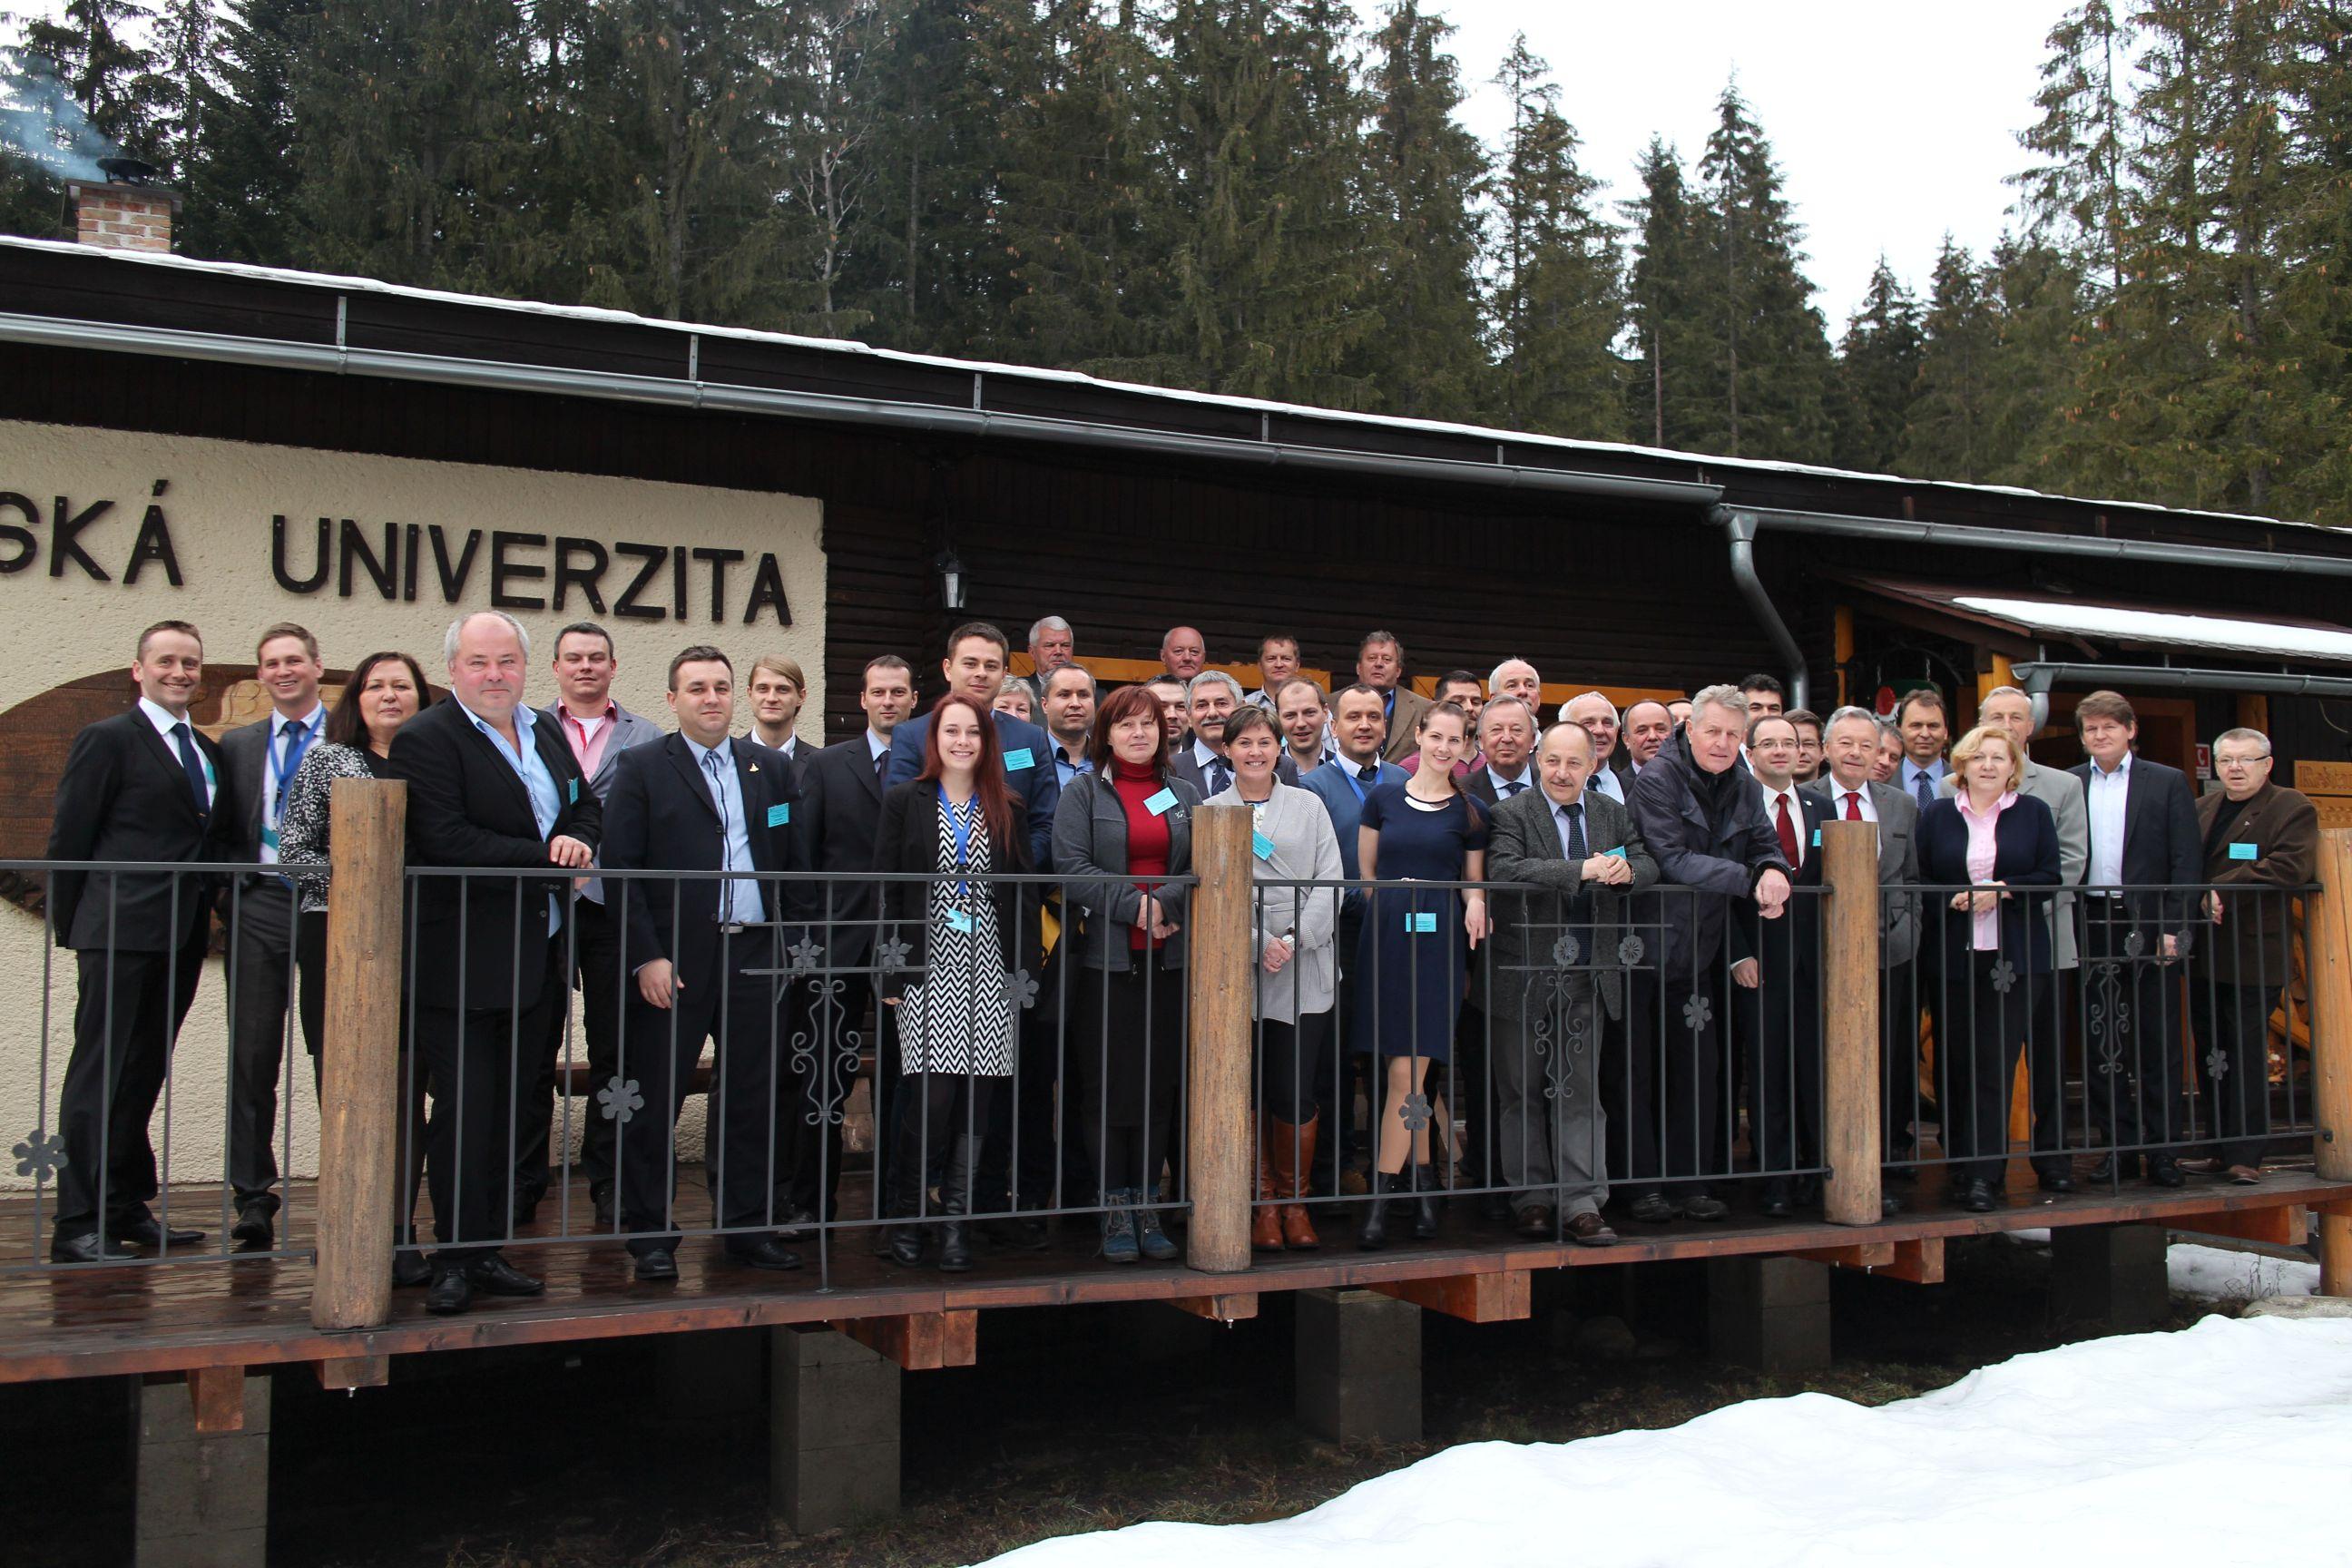 """Aktivní účast Hypera Aviation Solutions na konferenci """"Zvyšovanie bezpečosti a kvality v civilnom letectve"""", organizované Žilinskou univerzitou"""